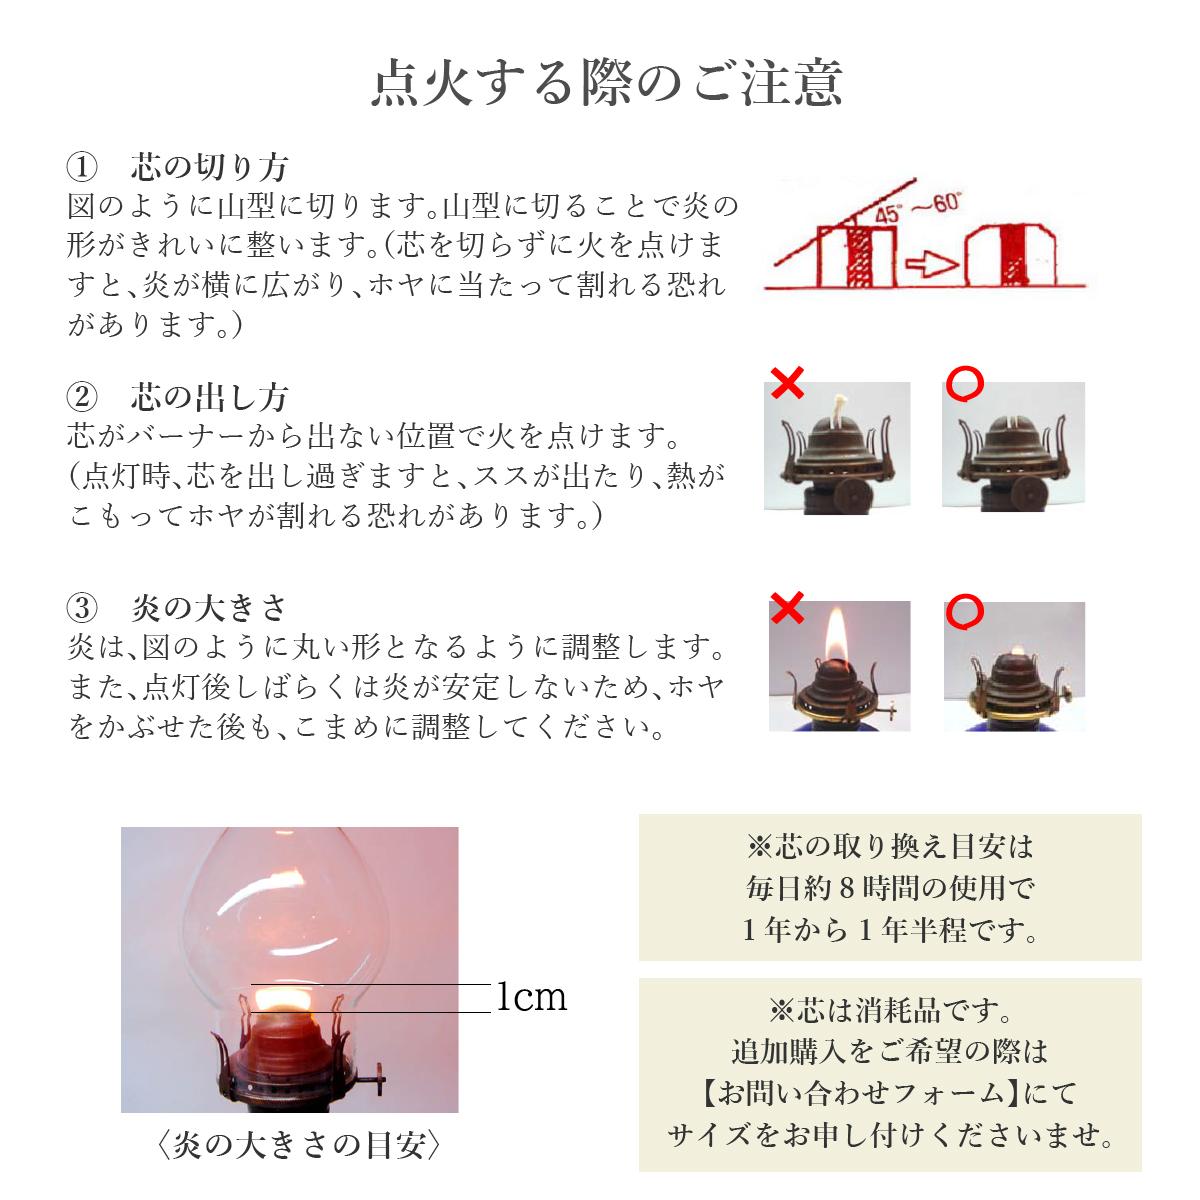 2分笠付き置きランプ 赤